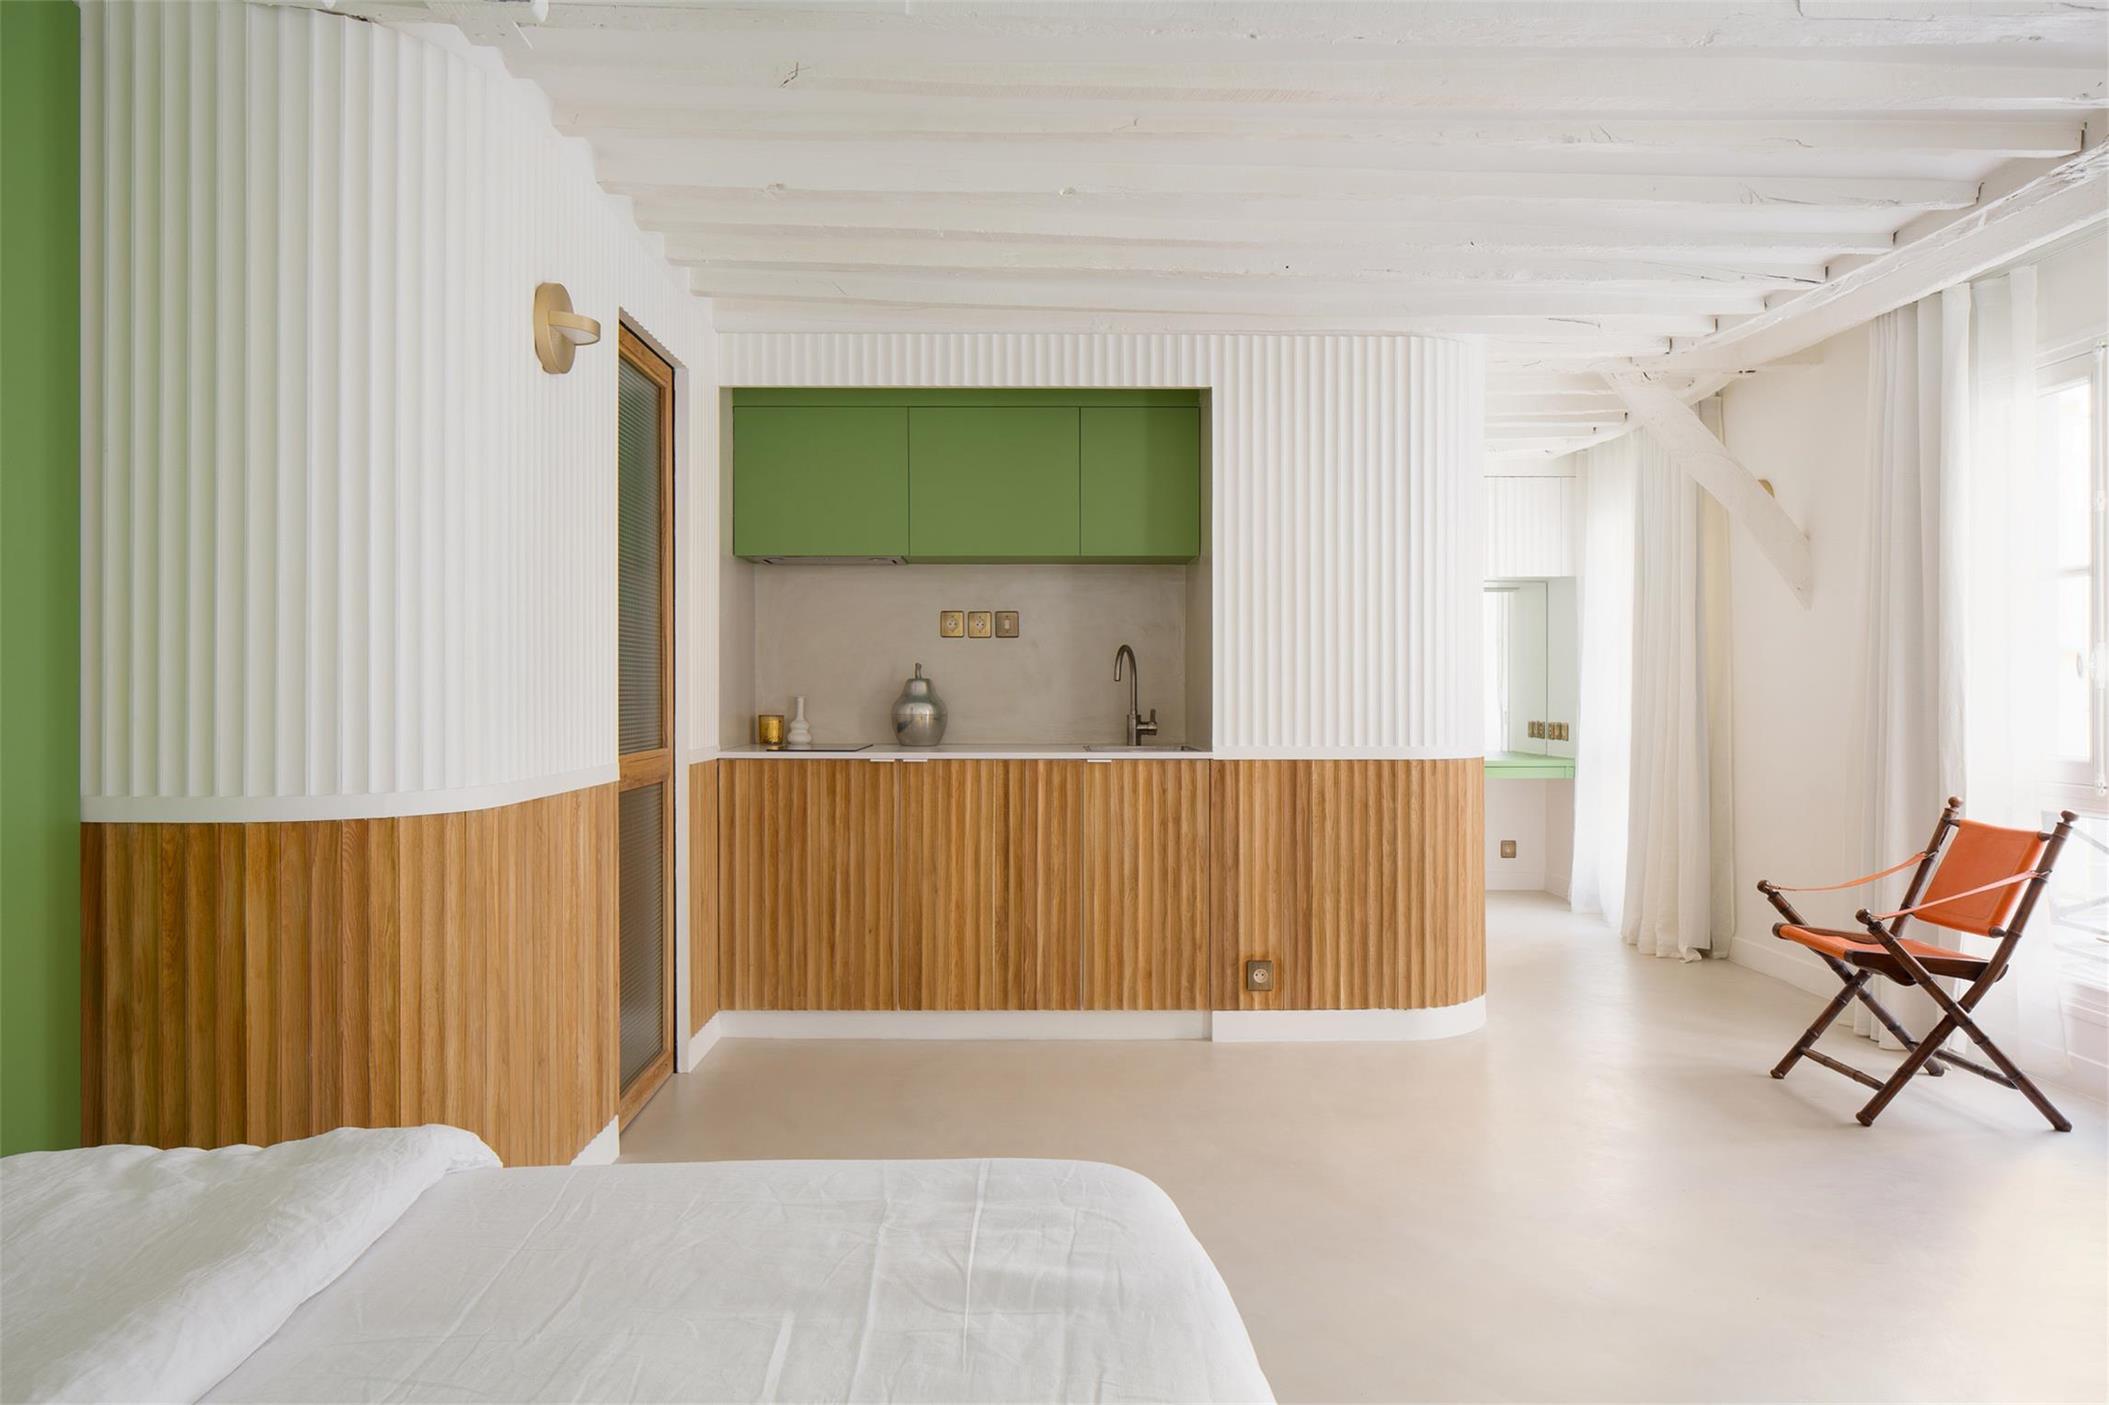 从小型公寓睡眠区望向开放式厨房的场景